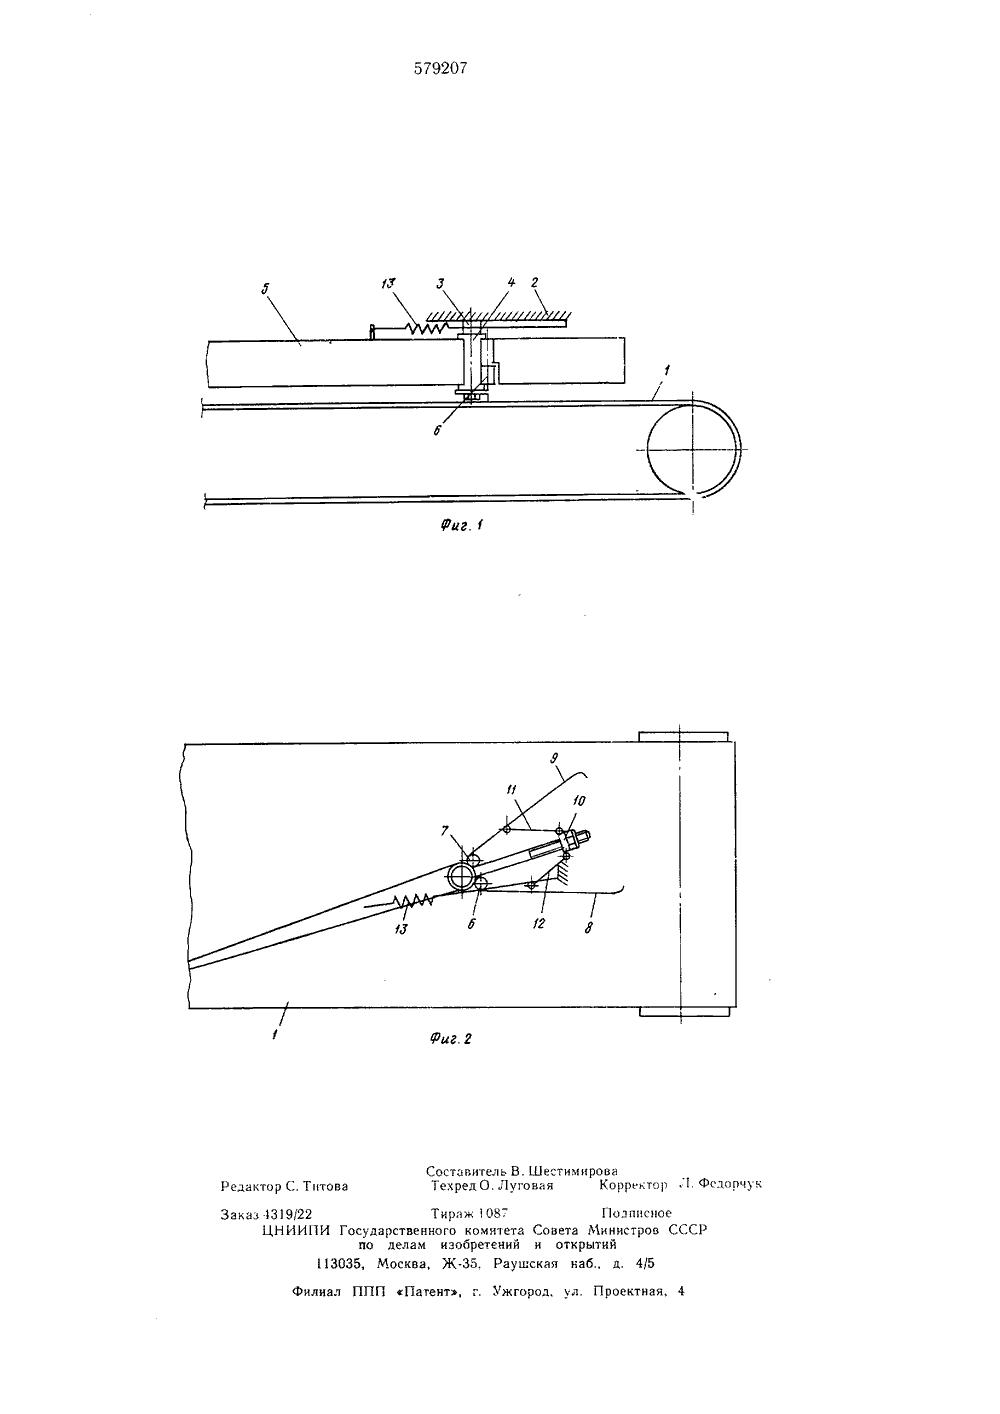 Конвейер разделение потоков минивэн фольксваген транспортер с пробегом